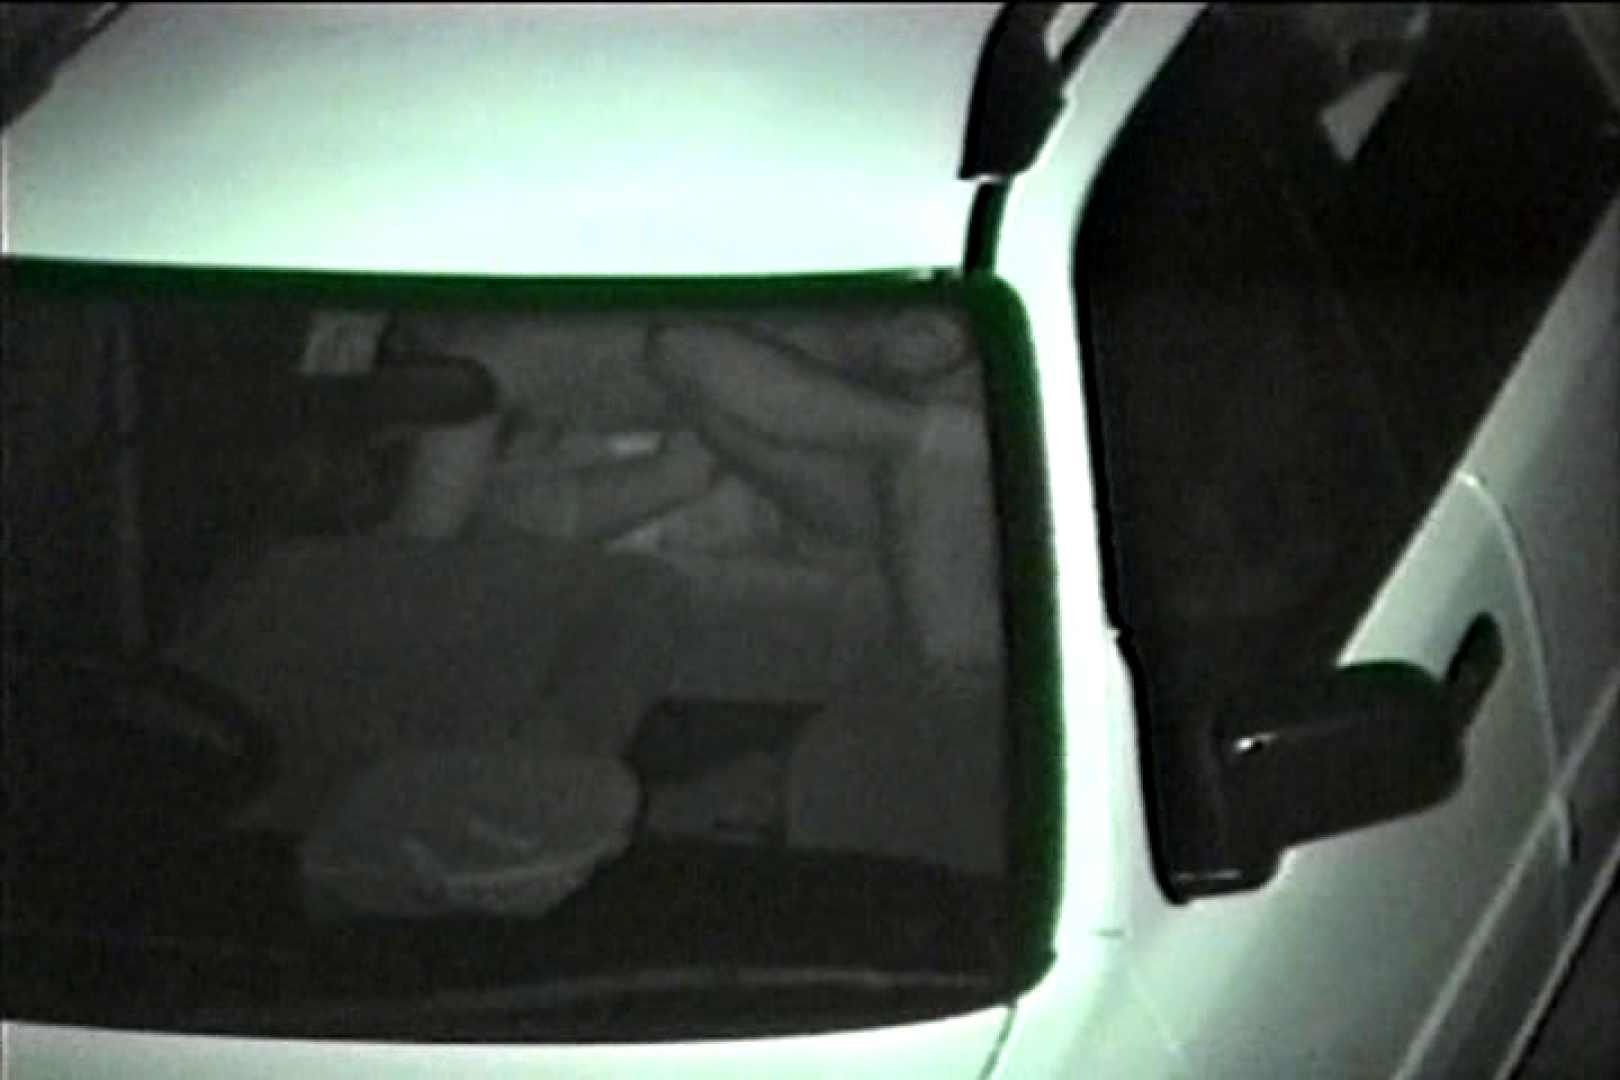 車の中はラブホテル 無修正版  Vol.7 カーセックス盗撮 オマンコ無修正動画無料 81pic 53